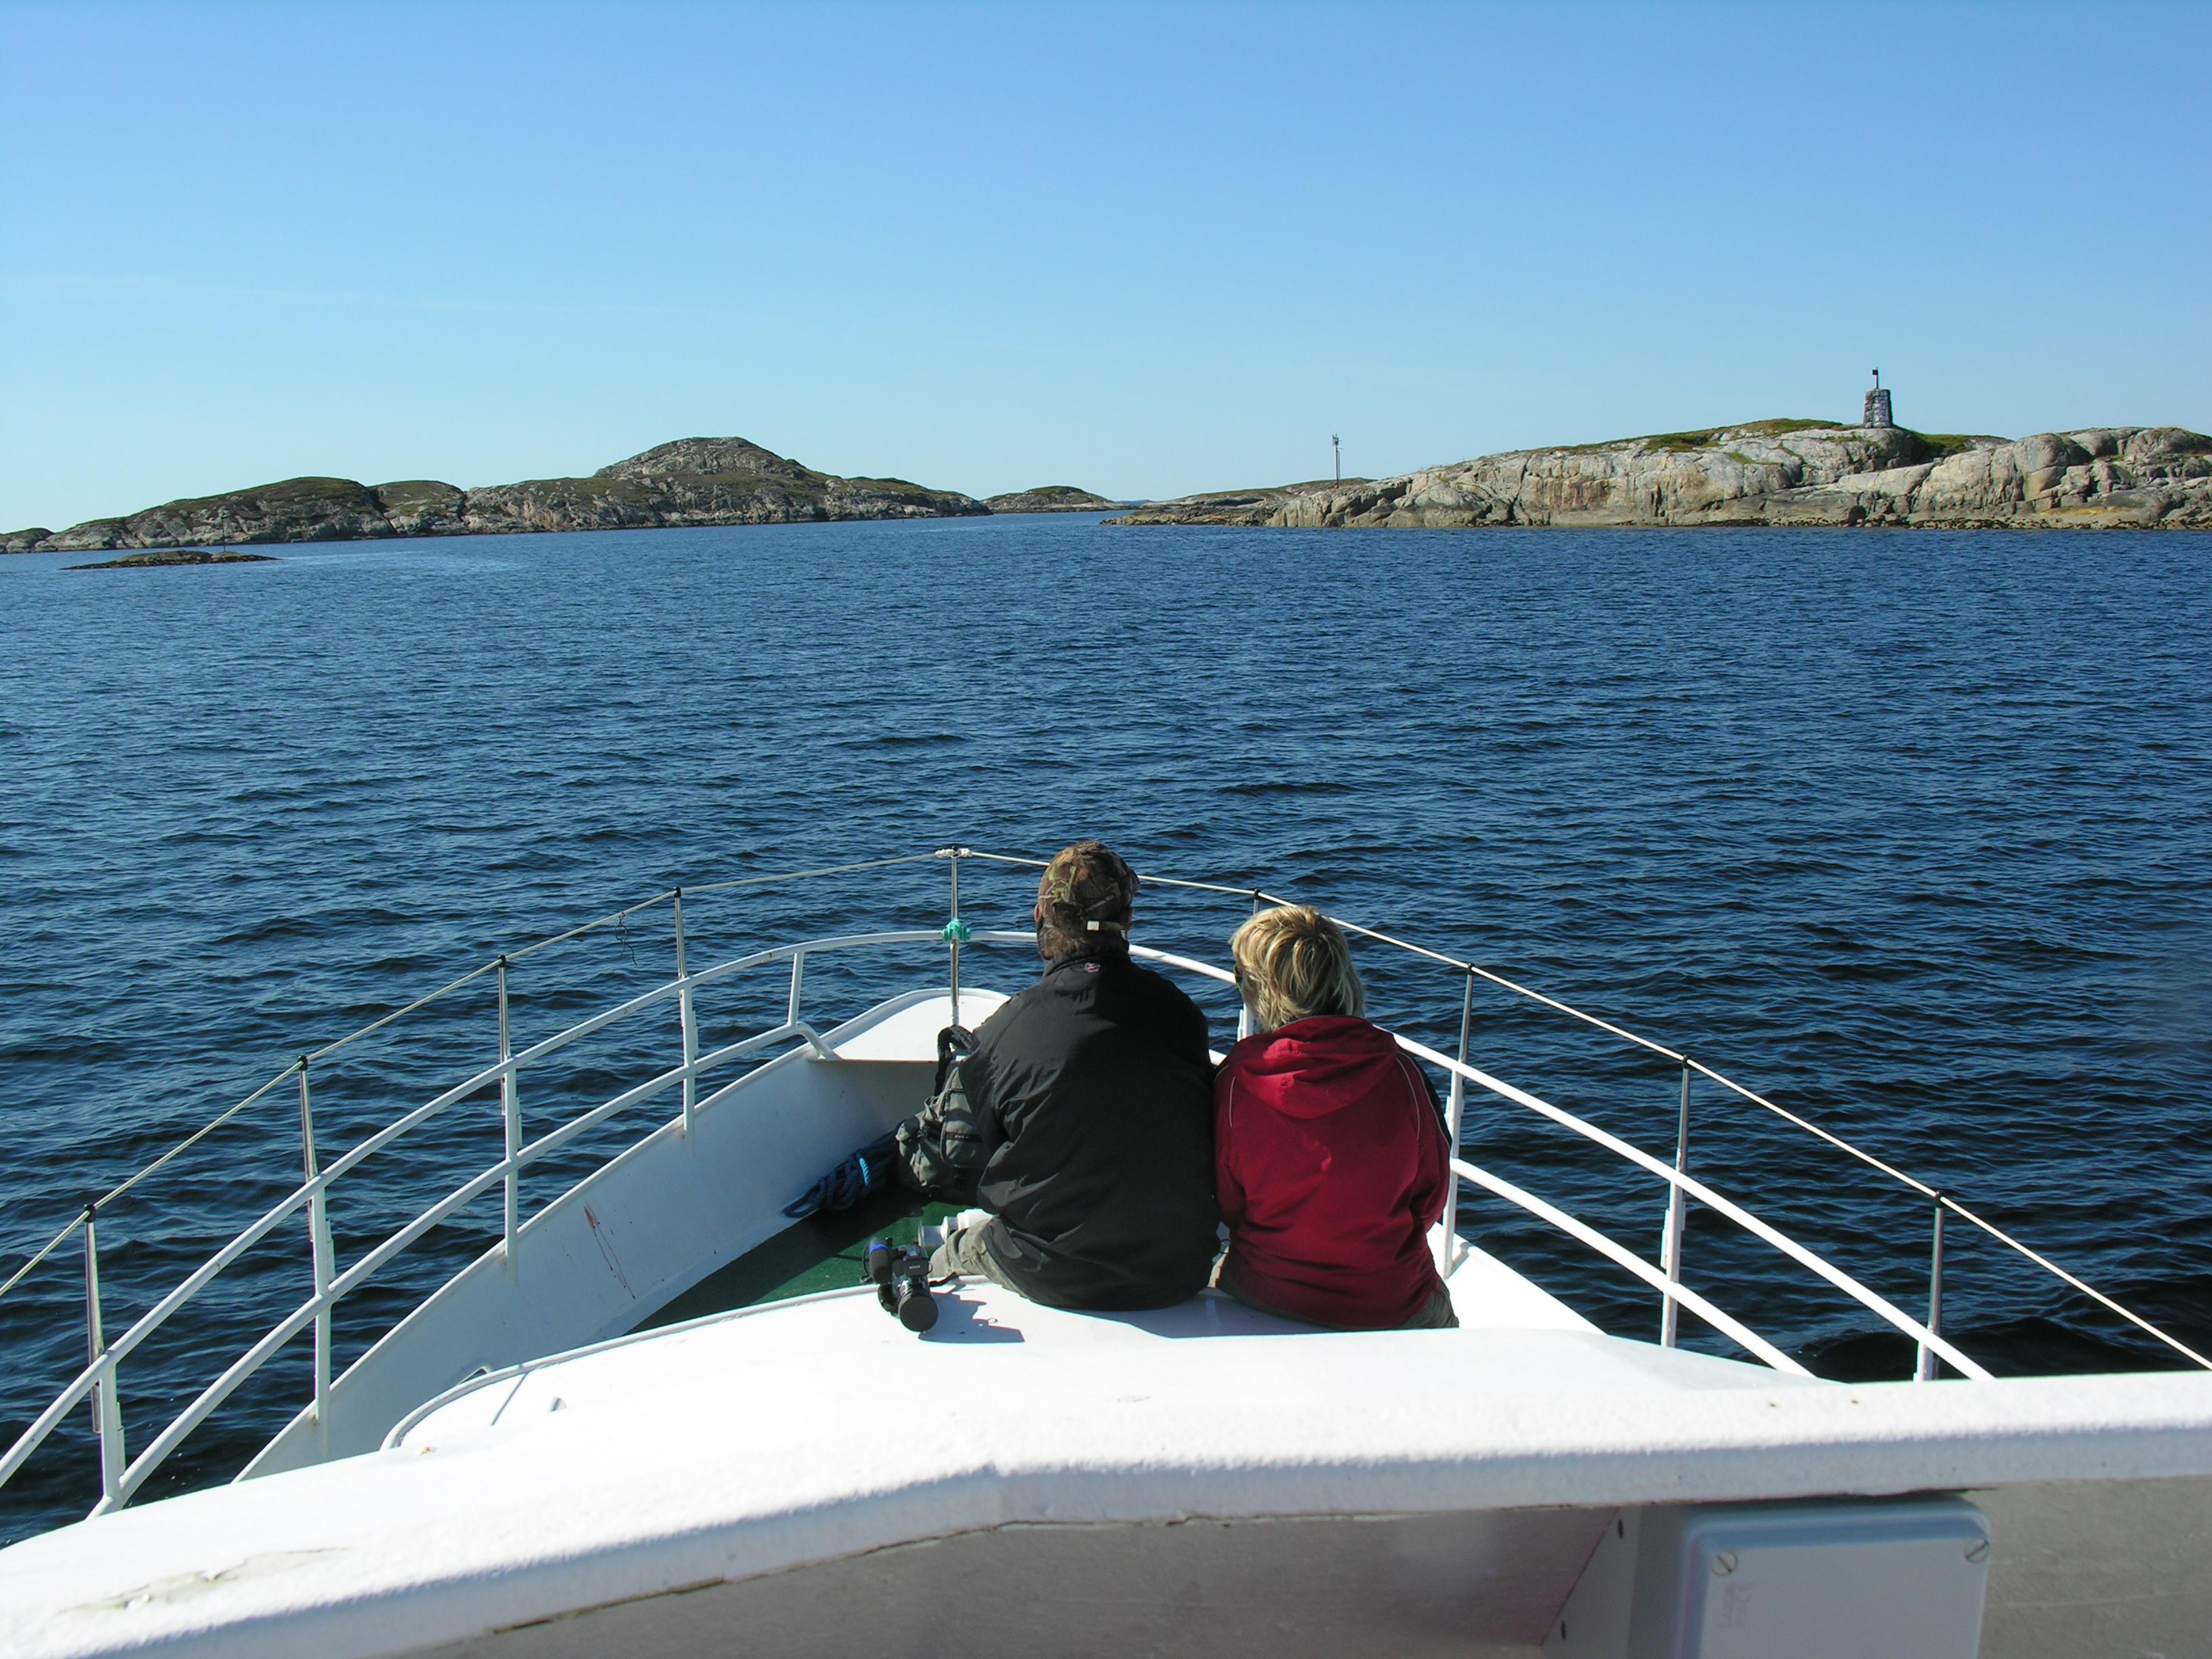 Par på båt ut mot Sør-Gjæslingan på Namdalskysten, Namdalen Trøndelag. Reiseruter. Foto: Anne Grete Walaunet